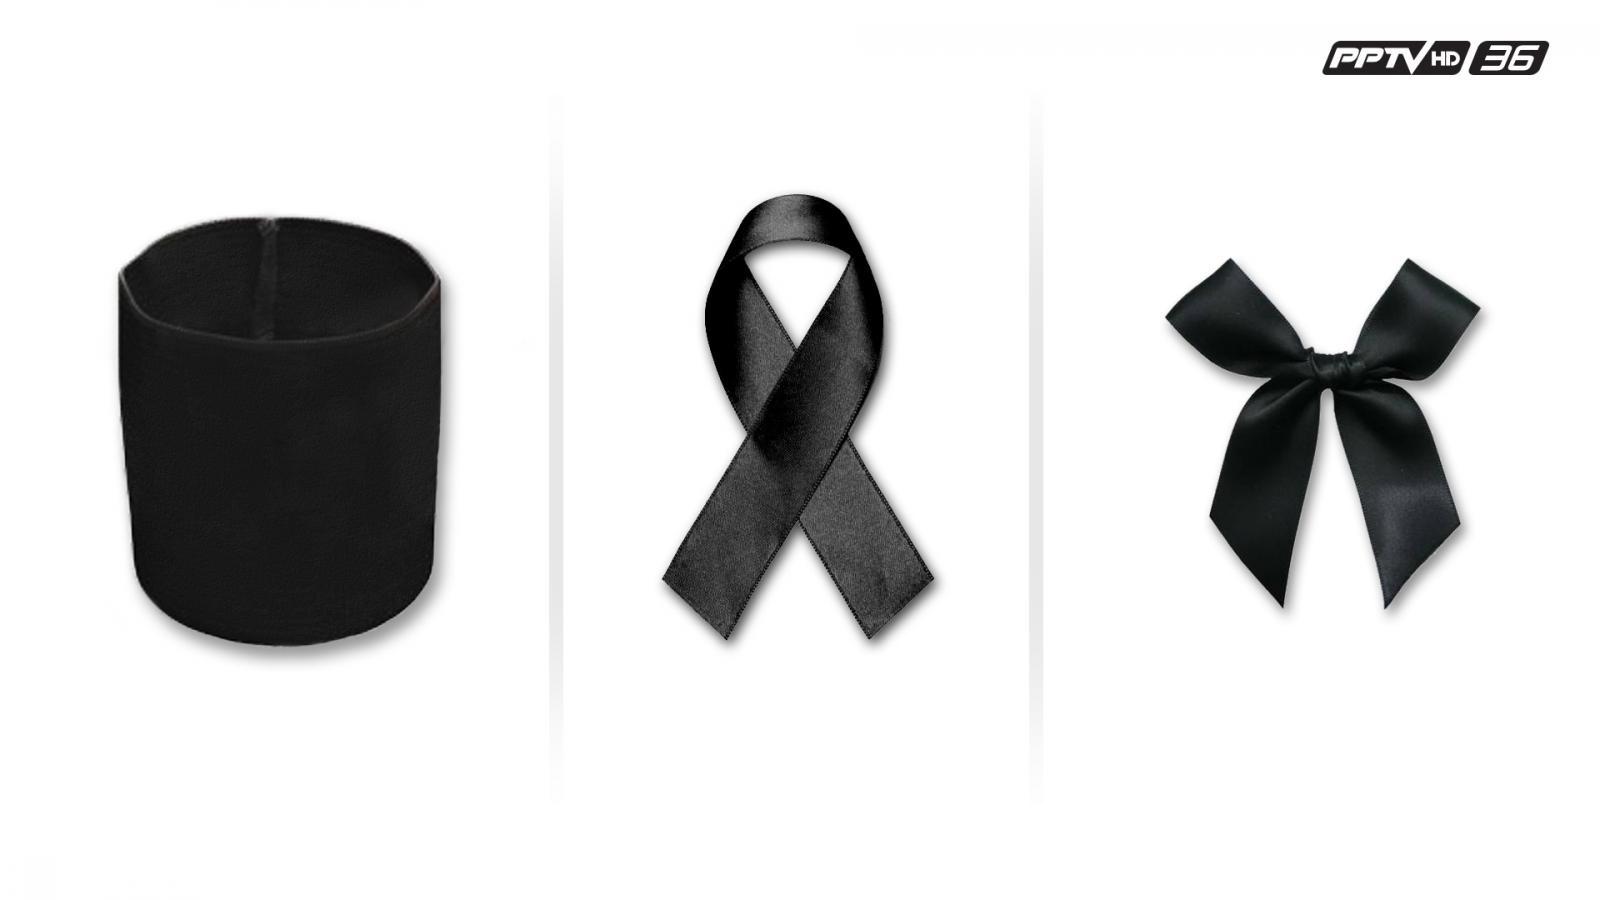 วิธีติดริบบิ้น-สวมปลอกแขนดำเพื่อถวายความอาลัย